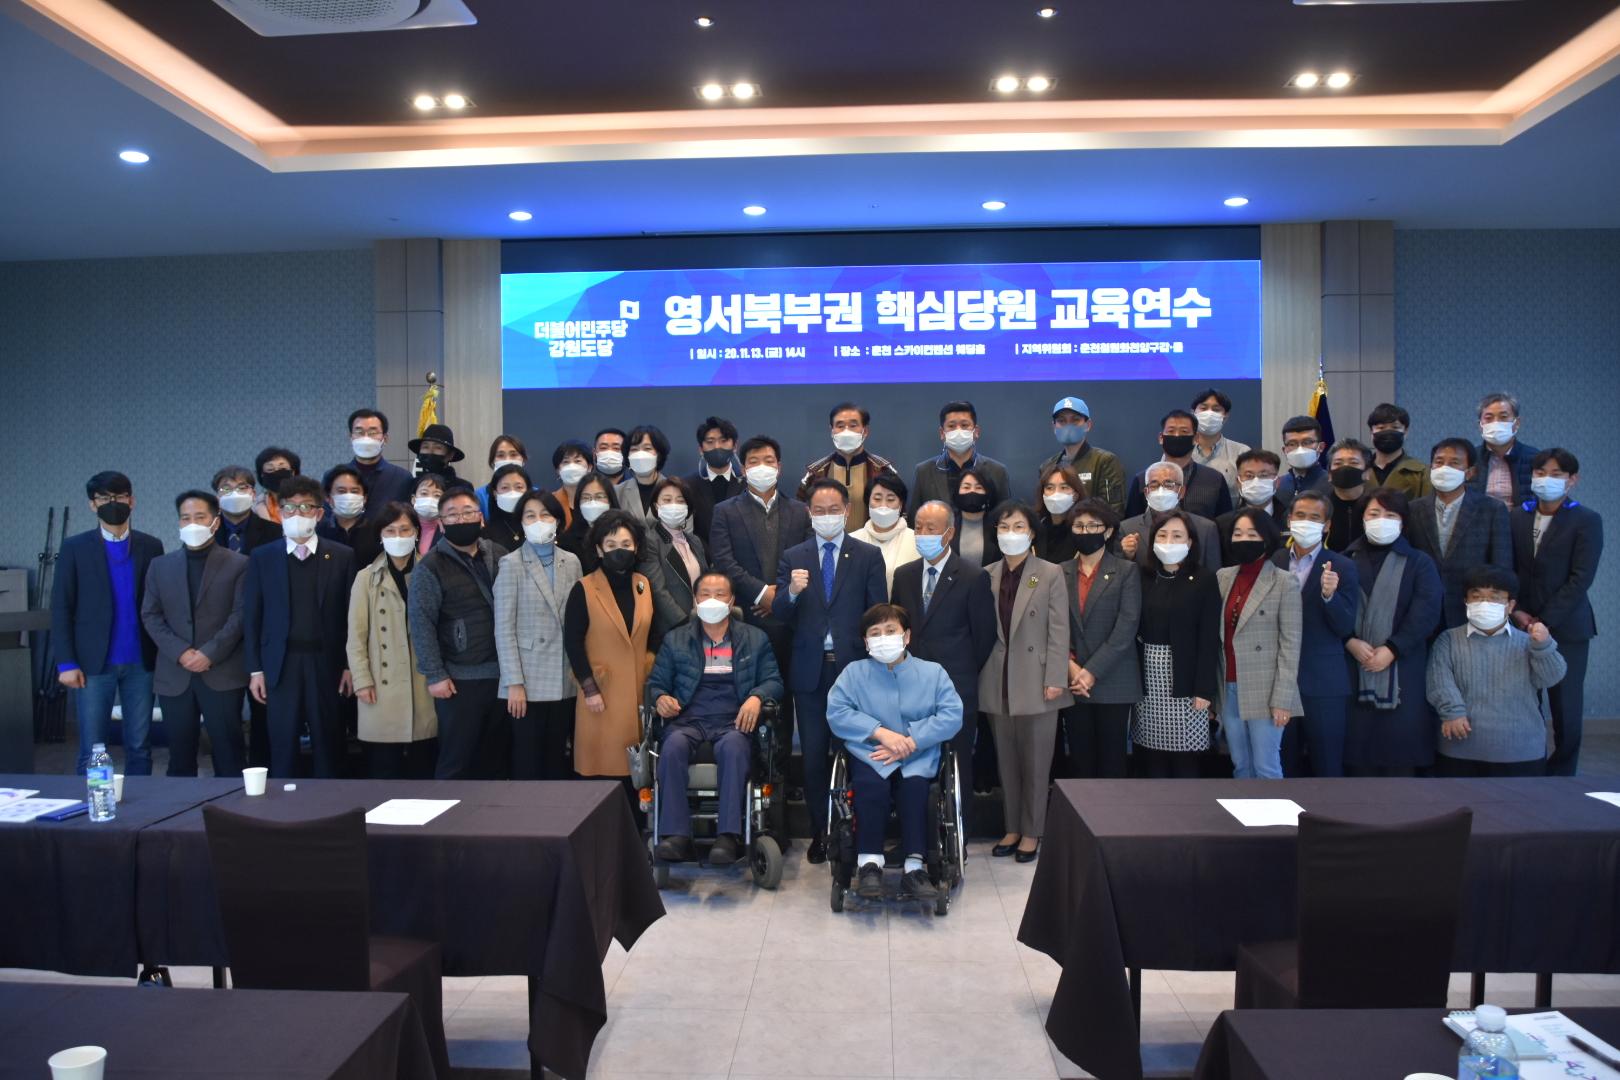 201113 영서북부권 핵심당원 교육연수